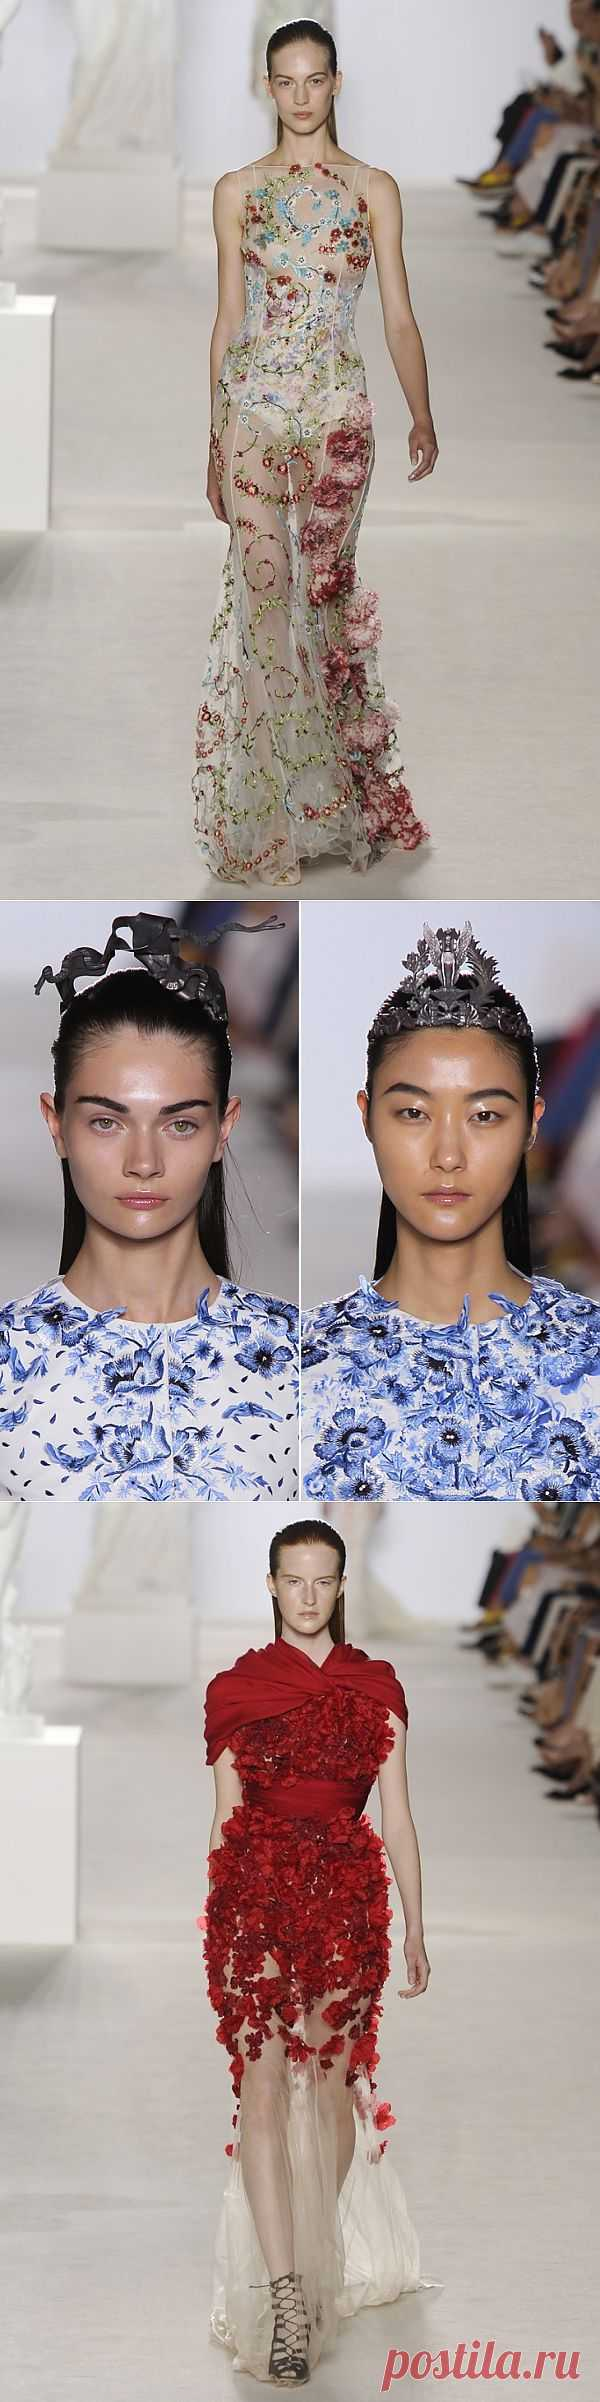 Показ Giambattista Valli, Fall 2013 - Парижская неделя моды (Трафик) / Дизайнеры / Модный сайт о стильной переделке одежды и интерьера